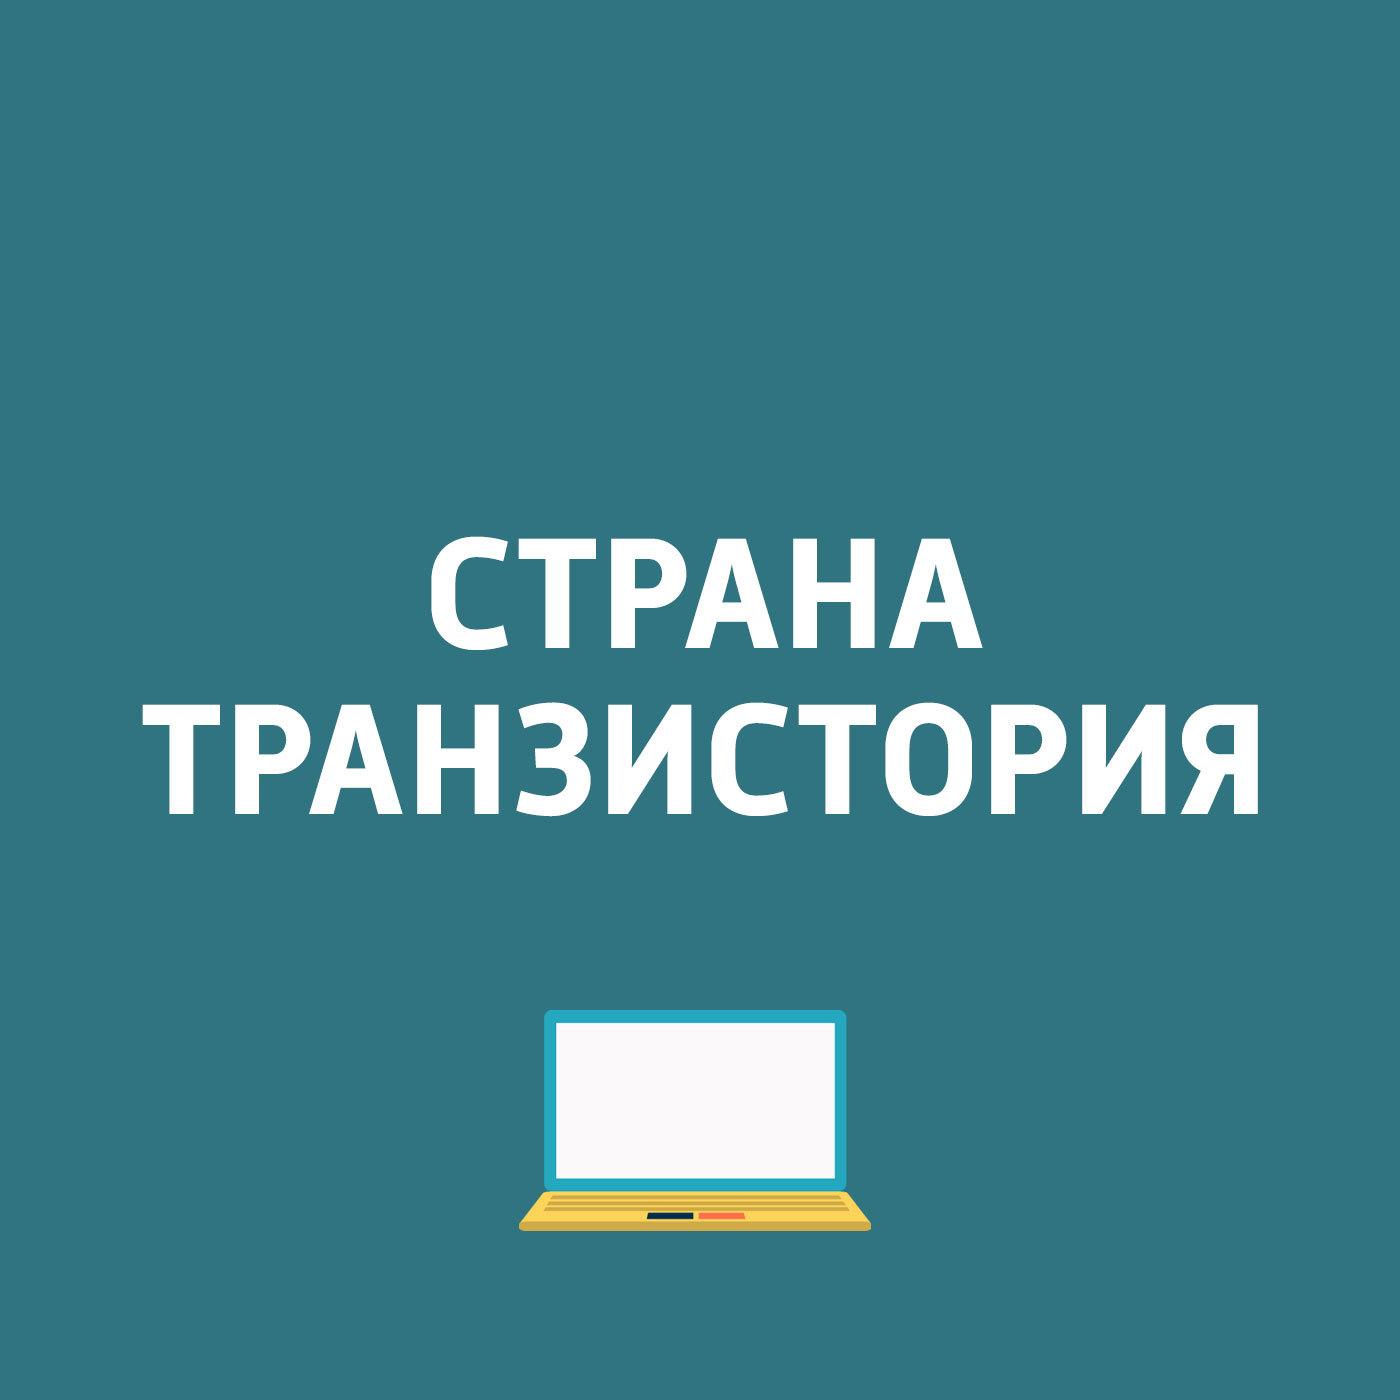 Картаев Павел В России начались продажи часов Garmin fēnix 5 картаев павел киберспорт в россии приравняли к футболу